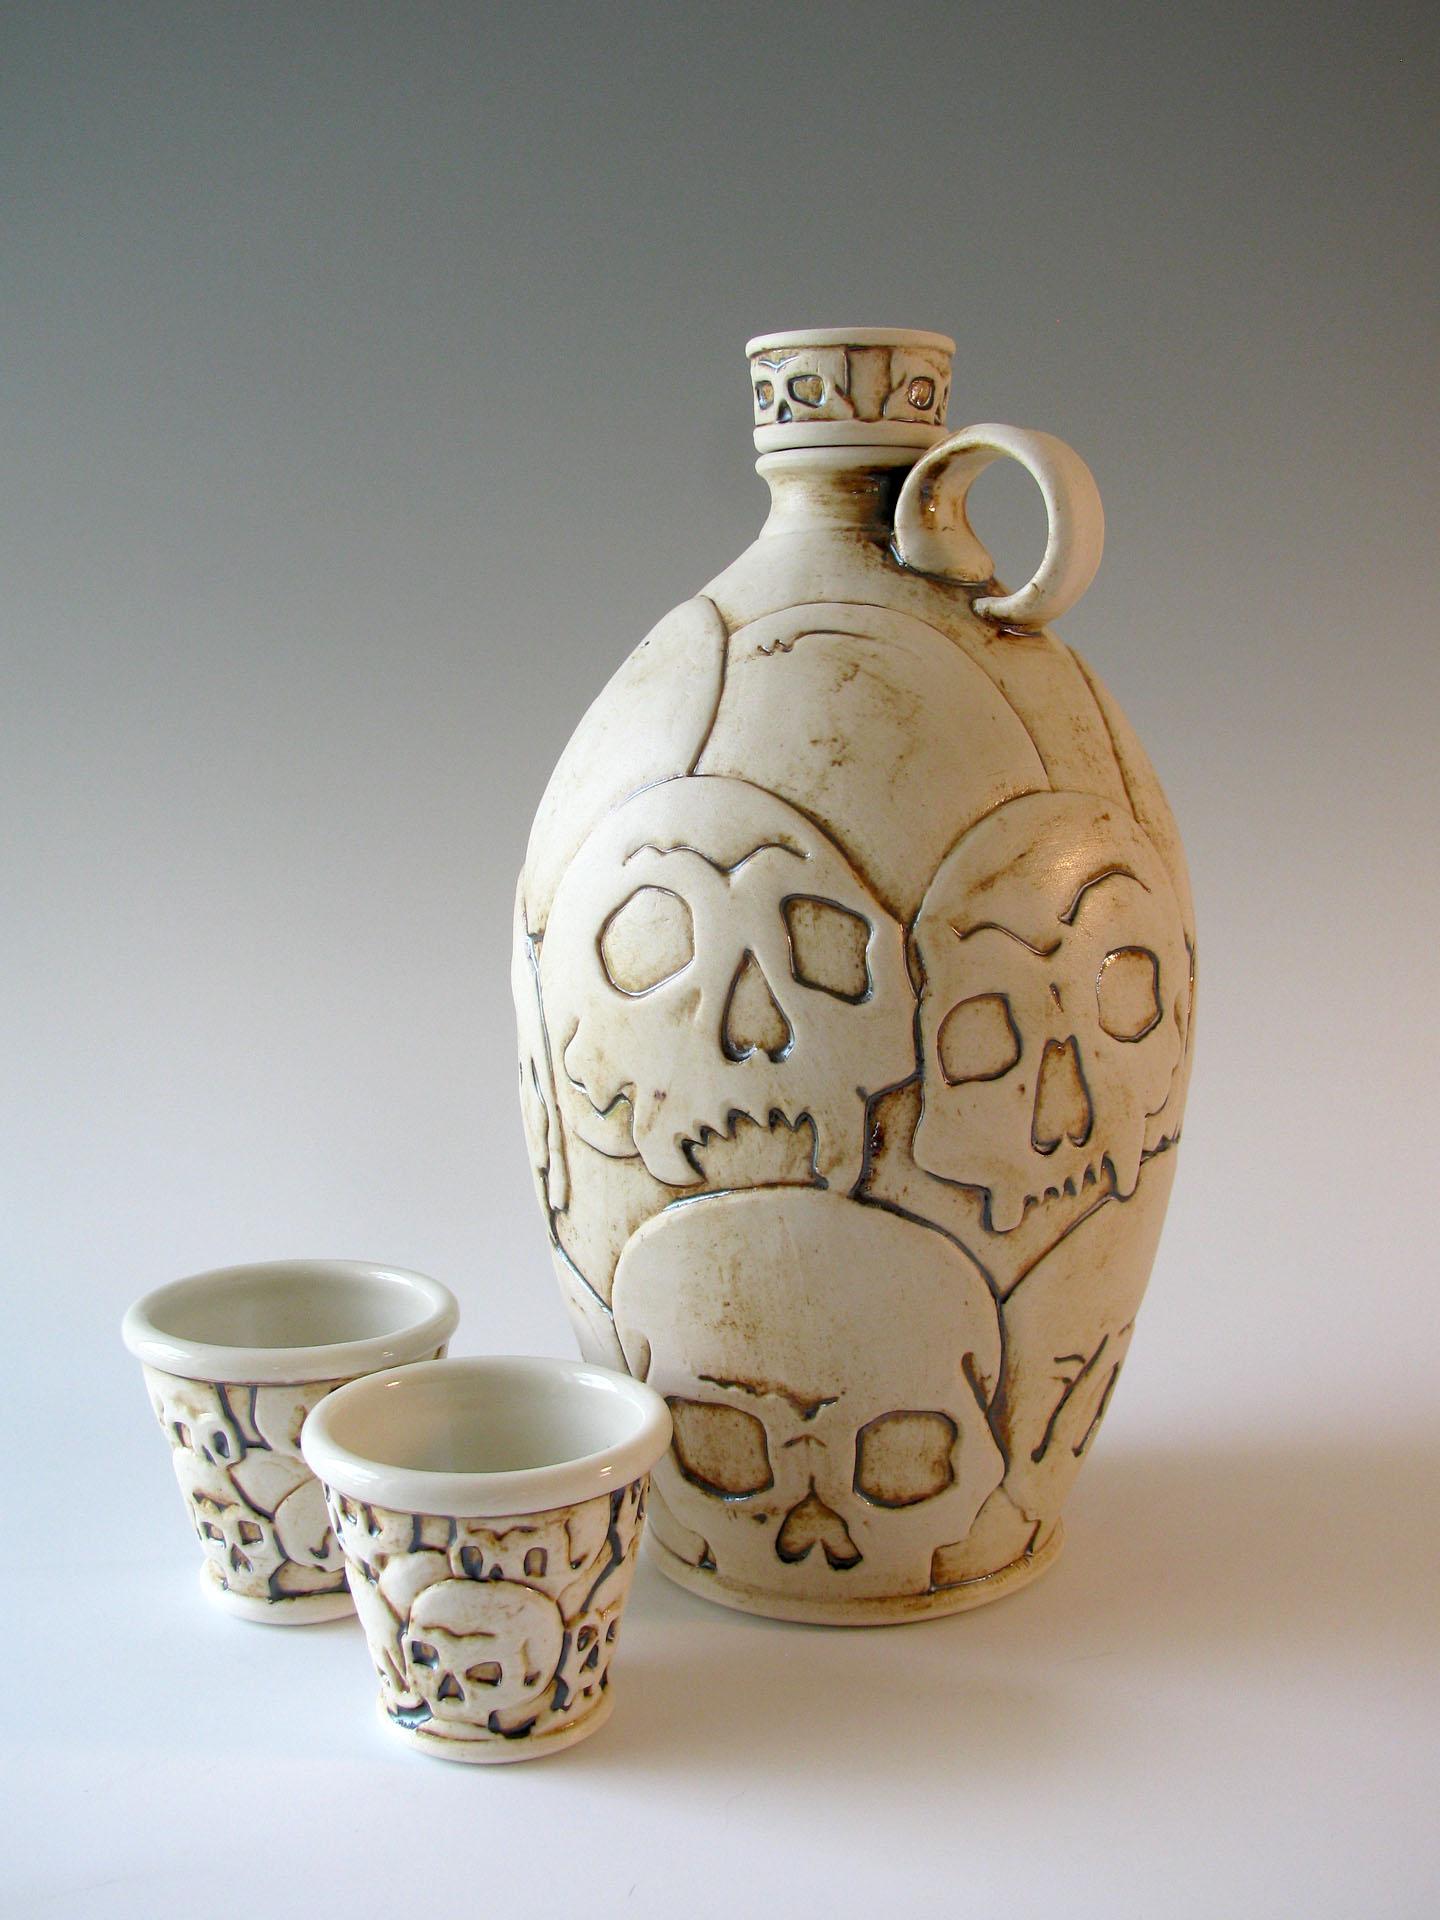 """""""Killing Fields Bourbon Bottle Set"""" by Steven Cheek,Porcelain,10x5x5in, 2016, POR"""